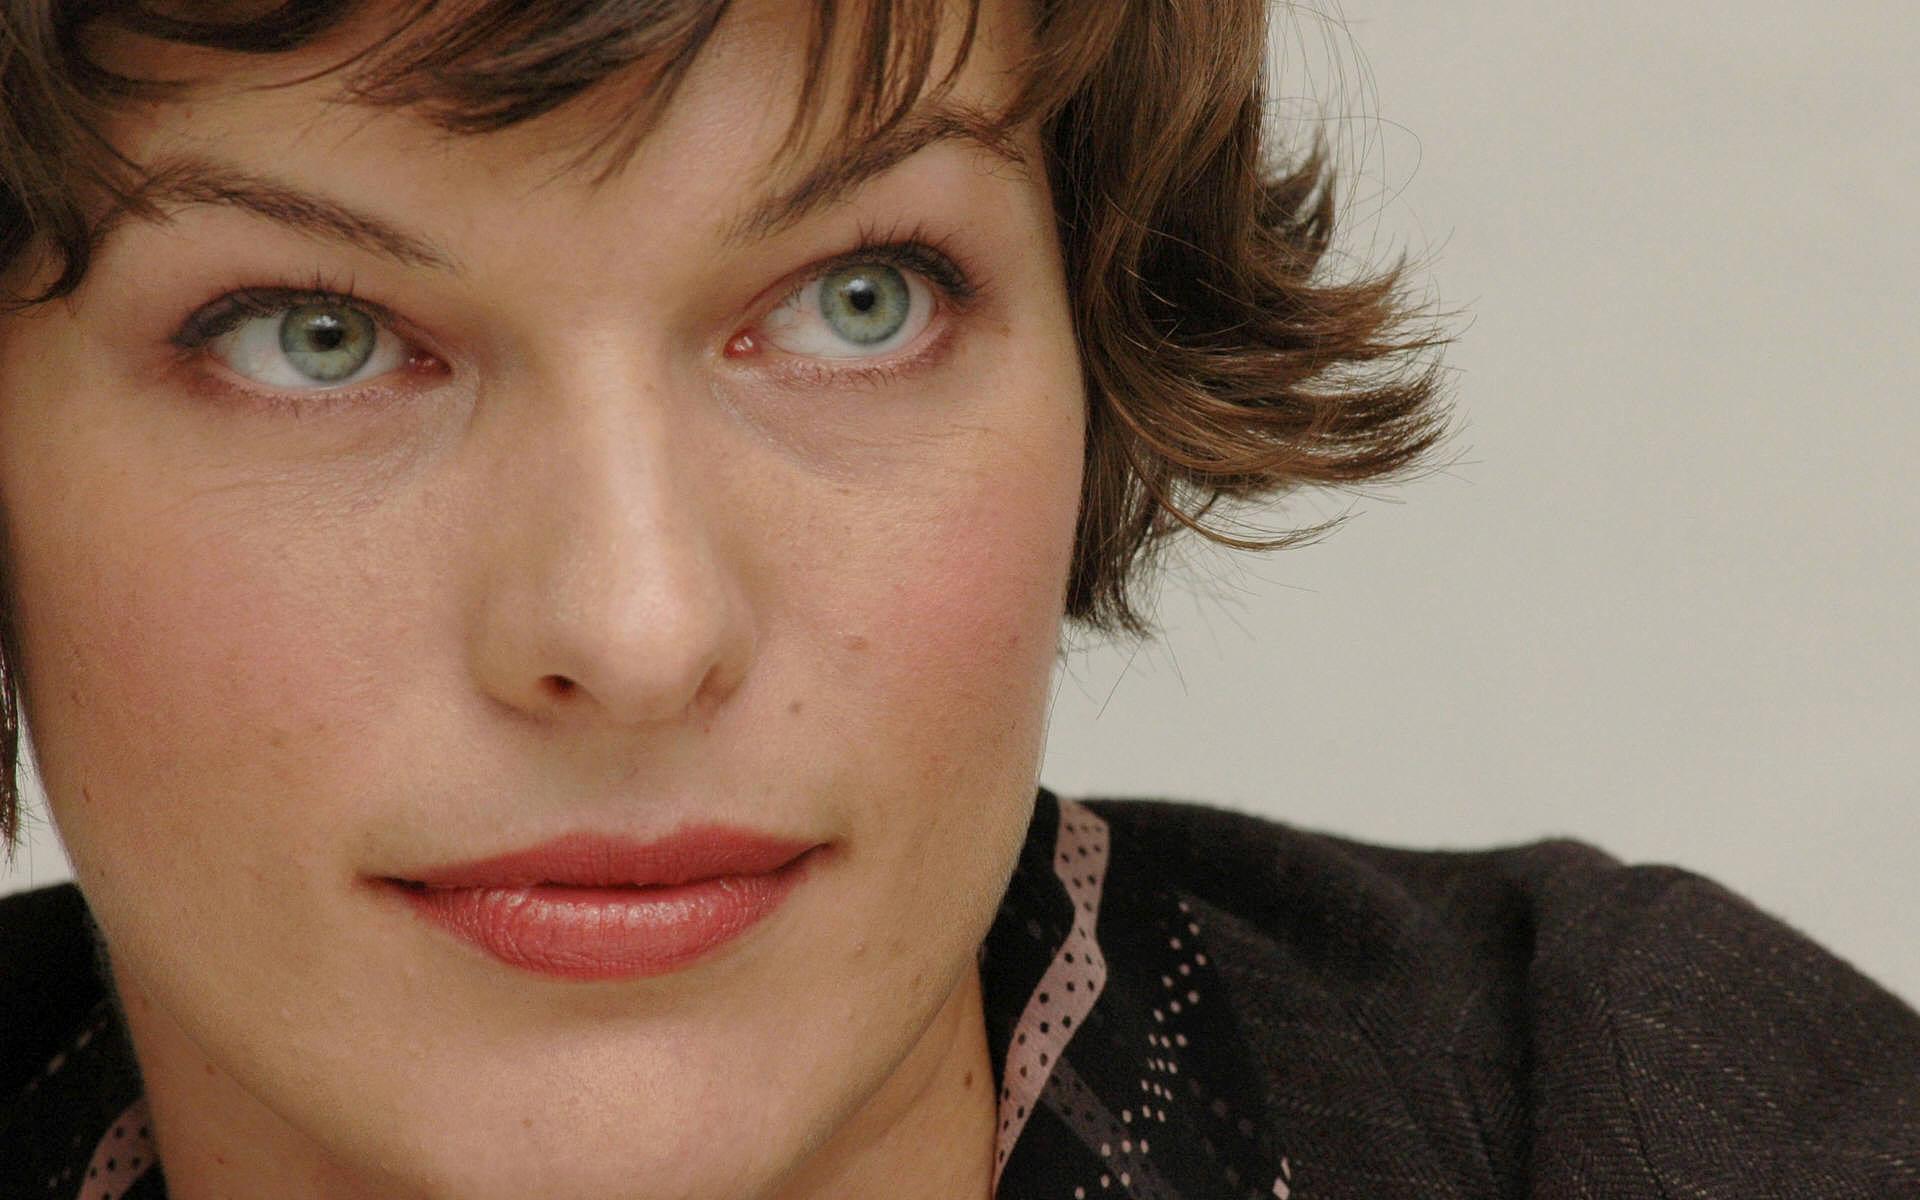 Celebrity – Milla Jovovich Woman Pretty Cute Wallpaper